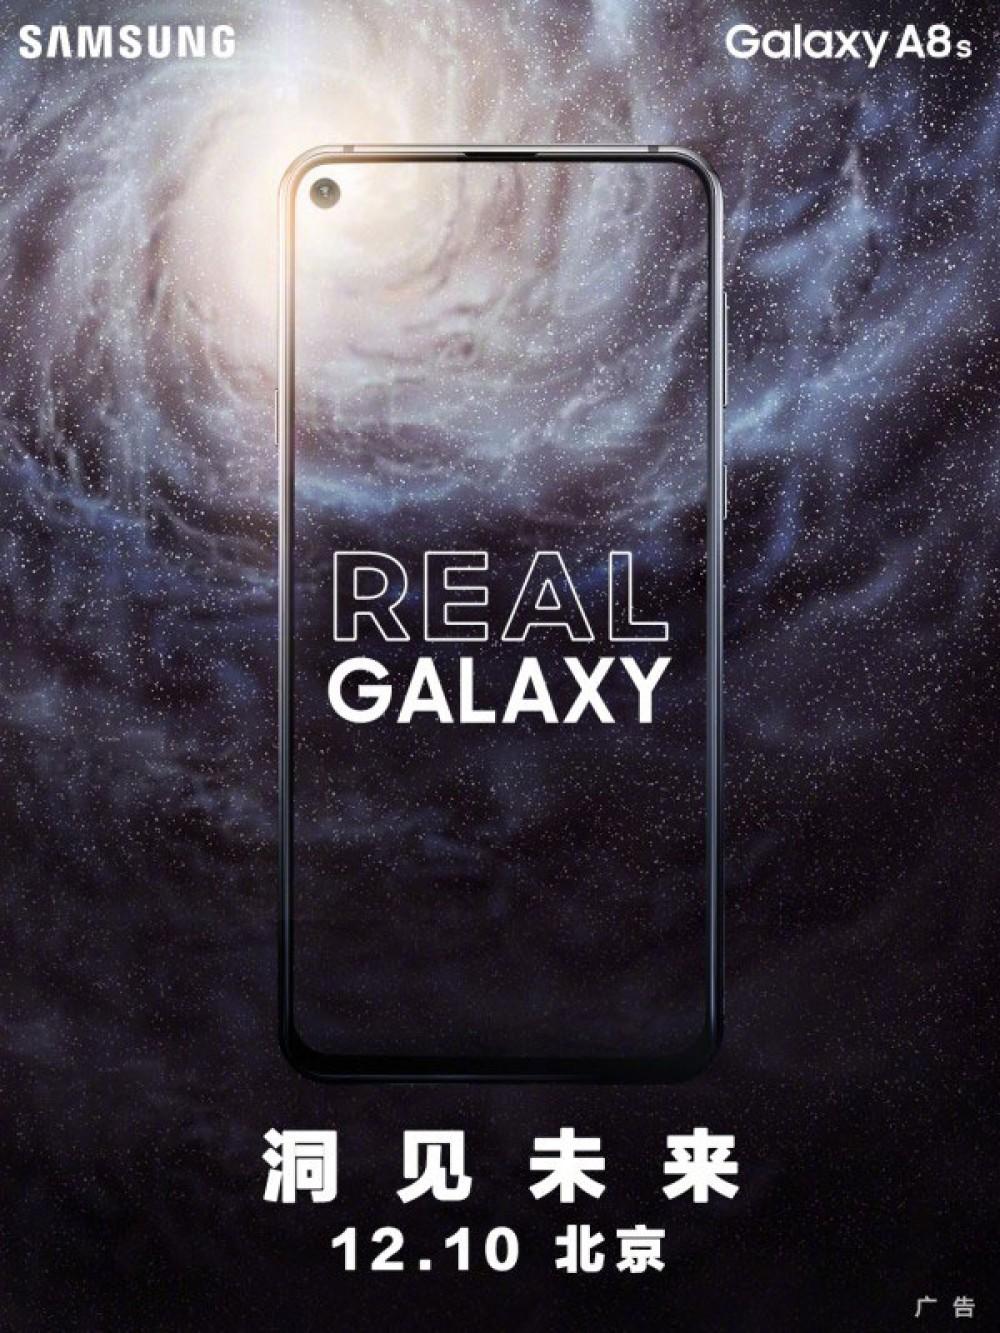 Samsung Galaxy A8s: Αυτό θα είναι τελικά το πρώτο smartphone με οπή στην οθόνη!